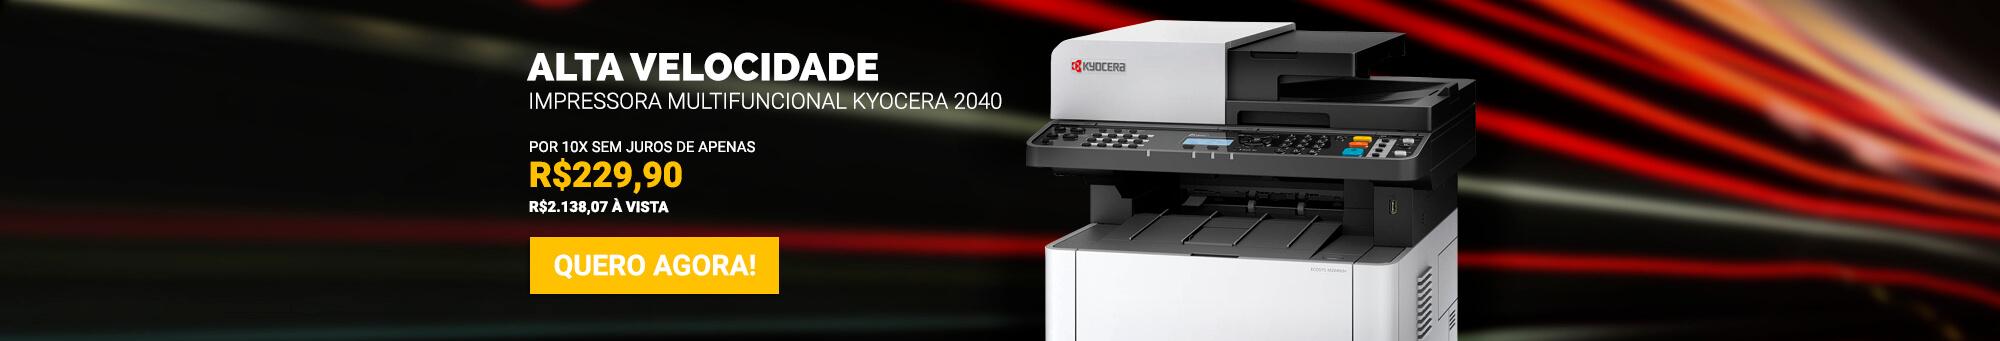 Kyocera 2040 - R$2.299